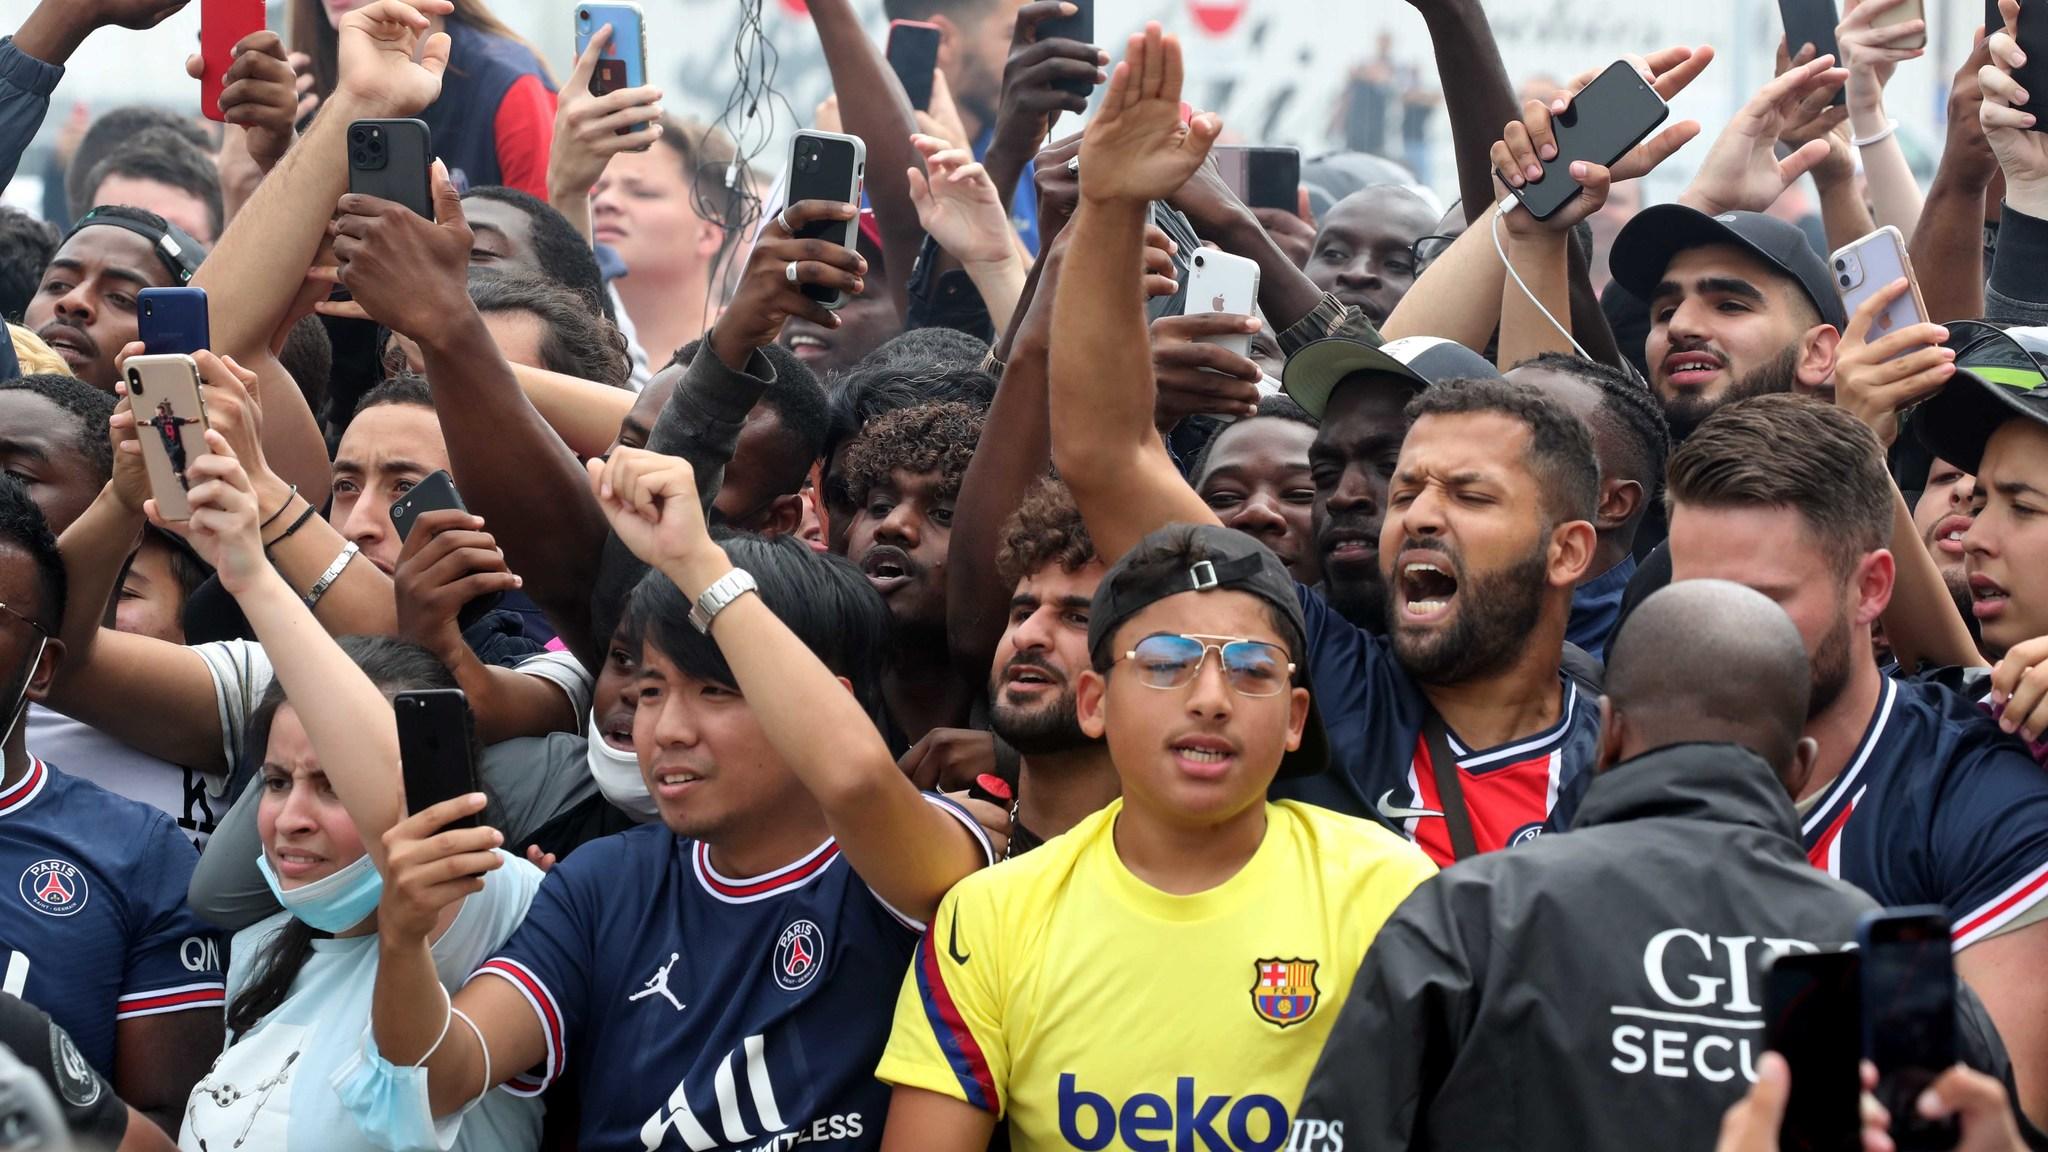 Messi en París: Messi ficha con el PSG: Resumen de noticias, reacciones y así fue la contratación de Leo en París   Marca